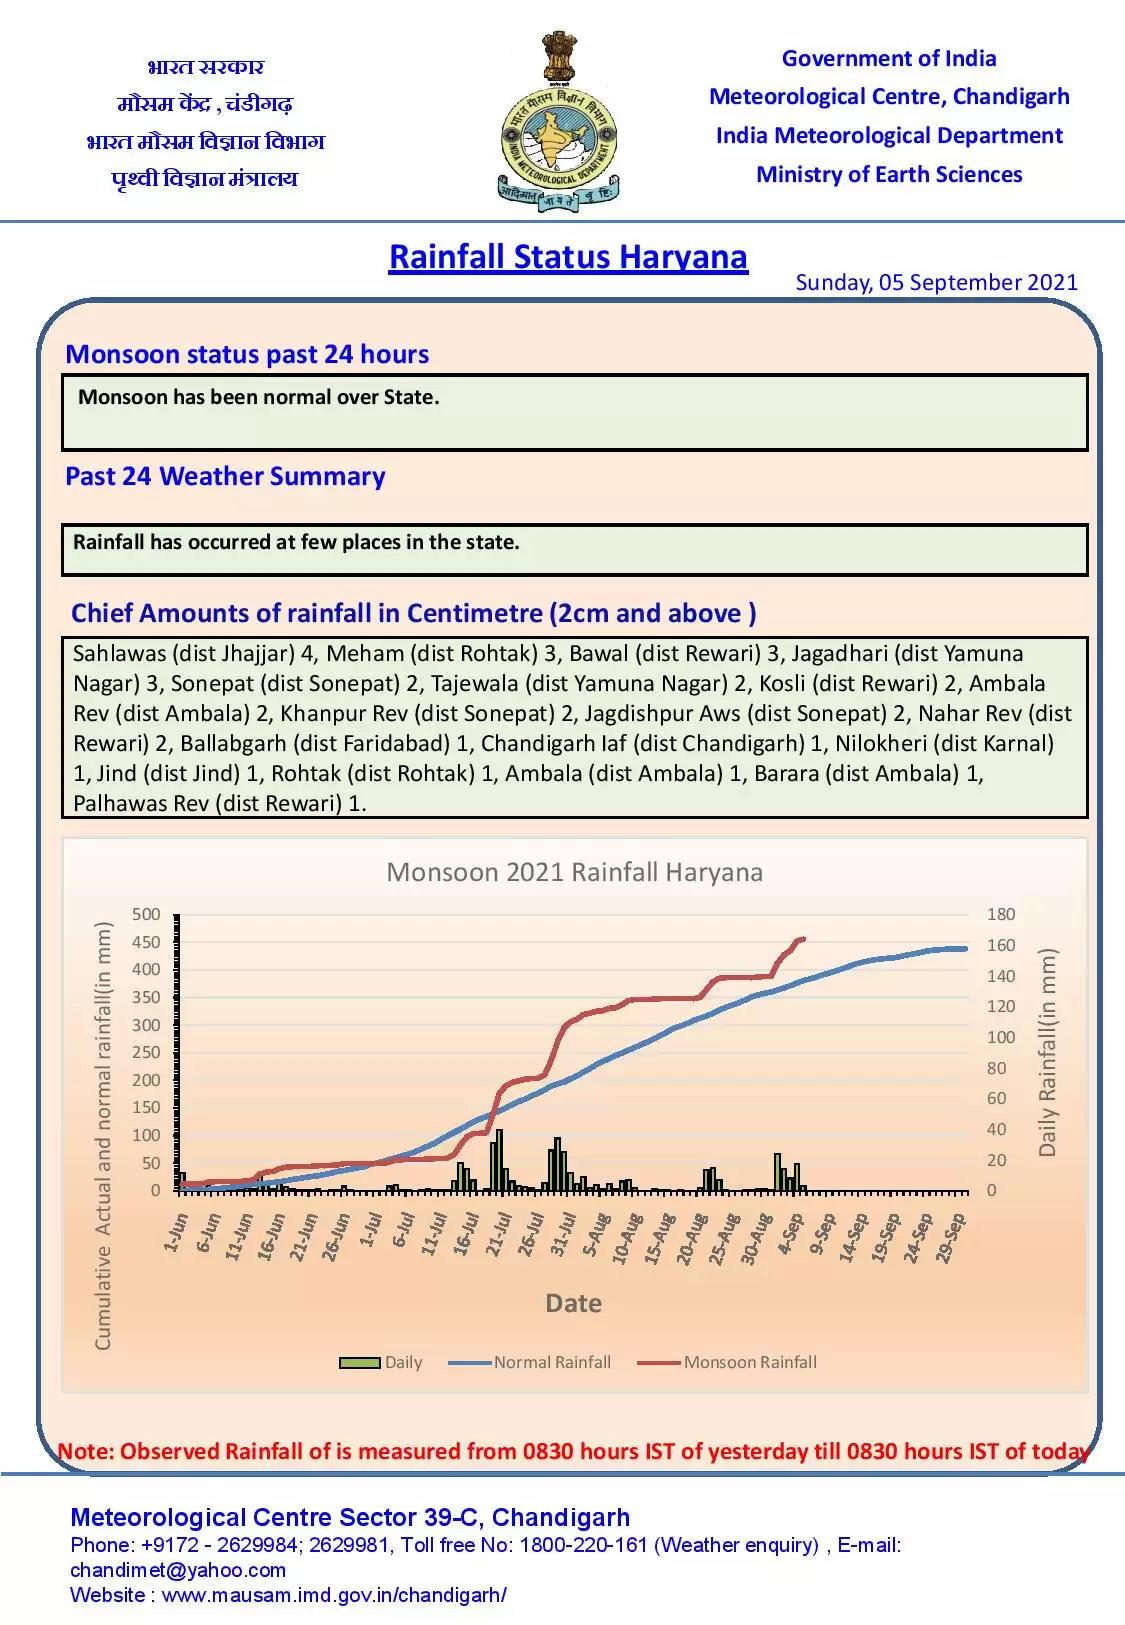 हरियाणा के 11 जिलों में अगले 3 घंटे में हल्की से मध्यम बारिश, देखें कौनसे हैं जिले ?